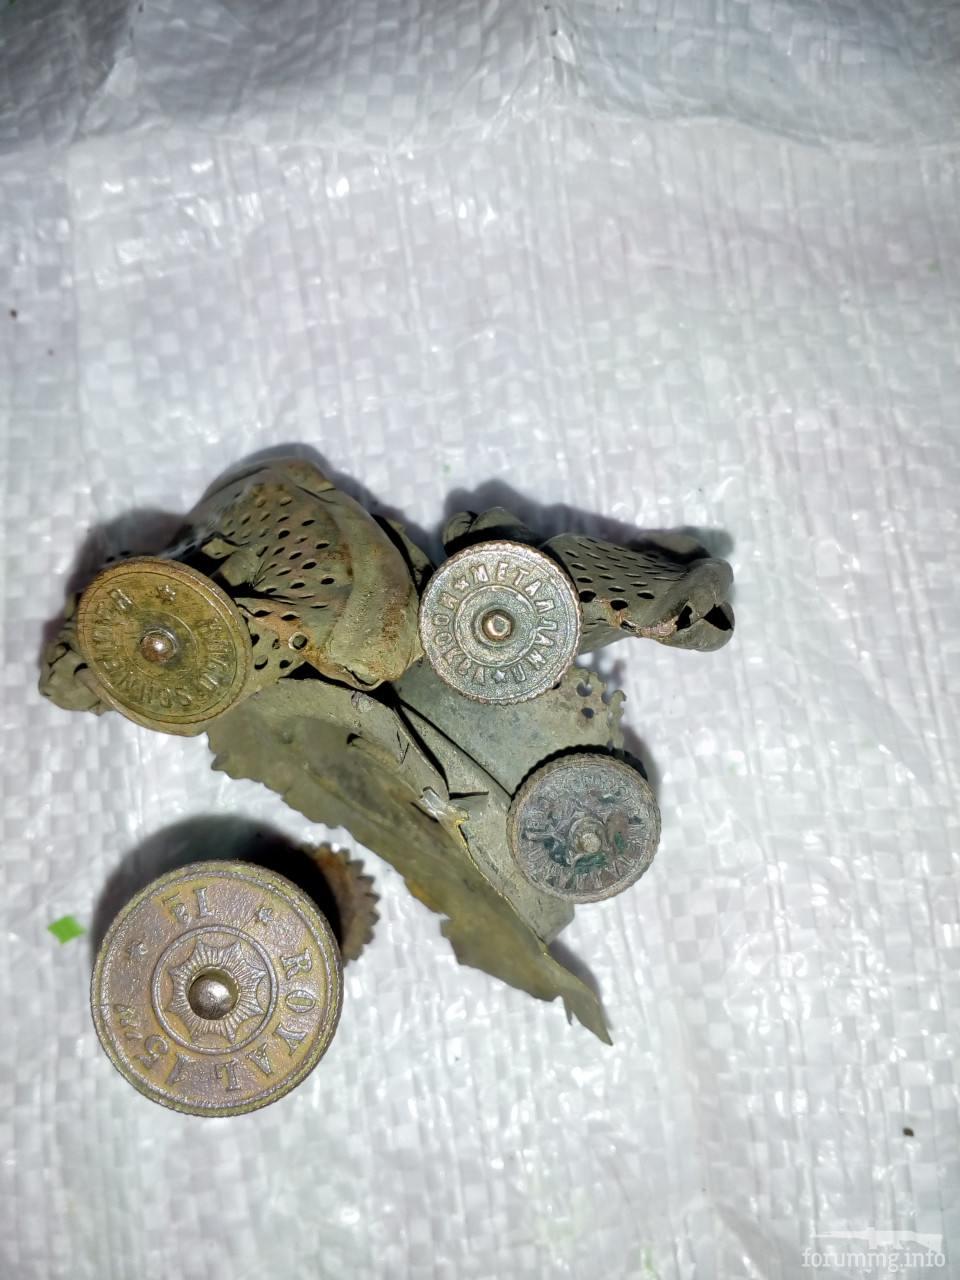 121365 - колесики к керосиновым лампам...может кому нужны в коллекцию?